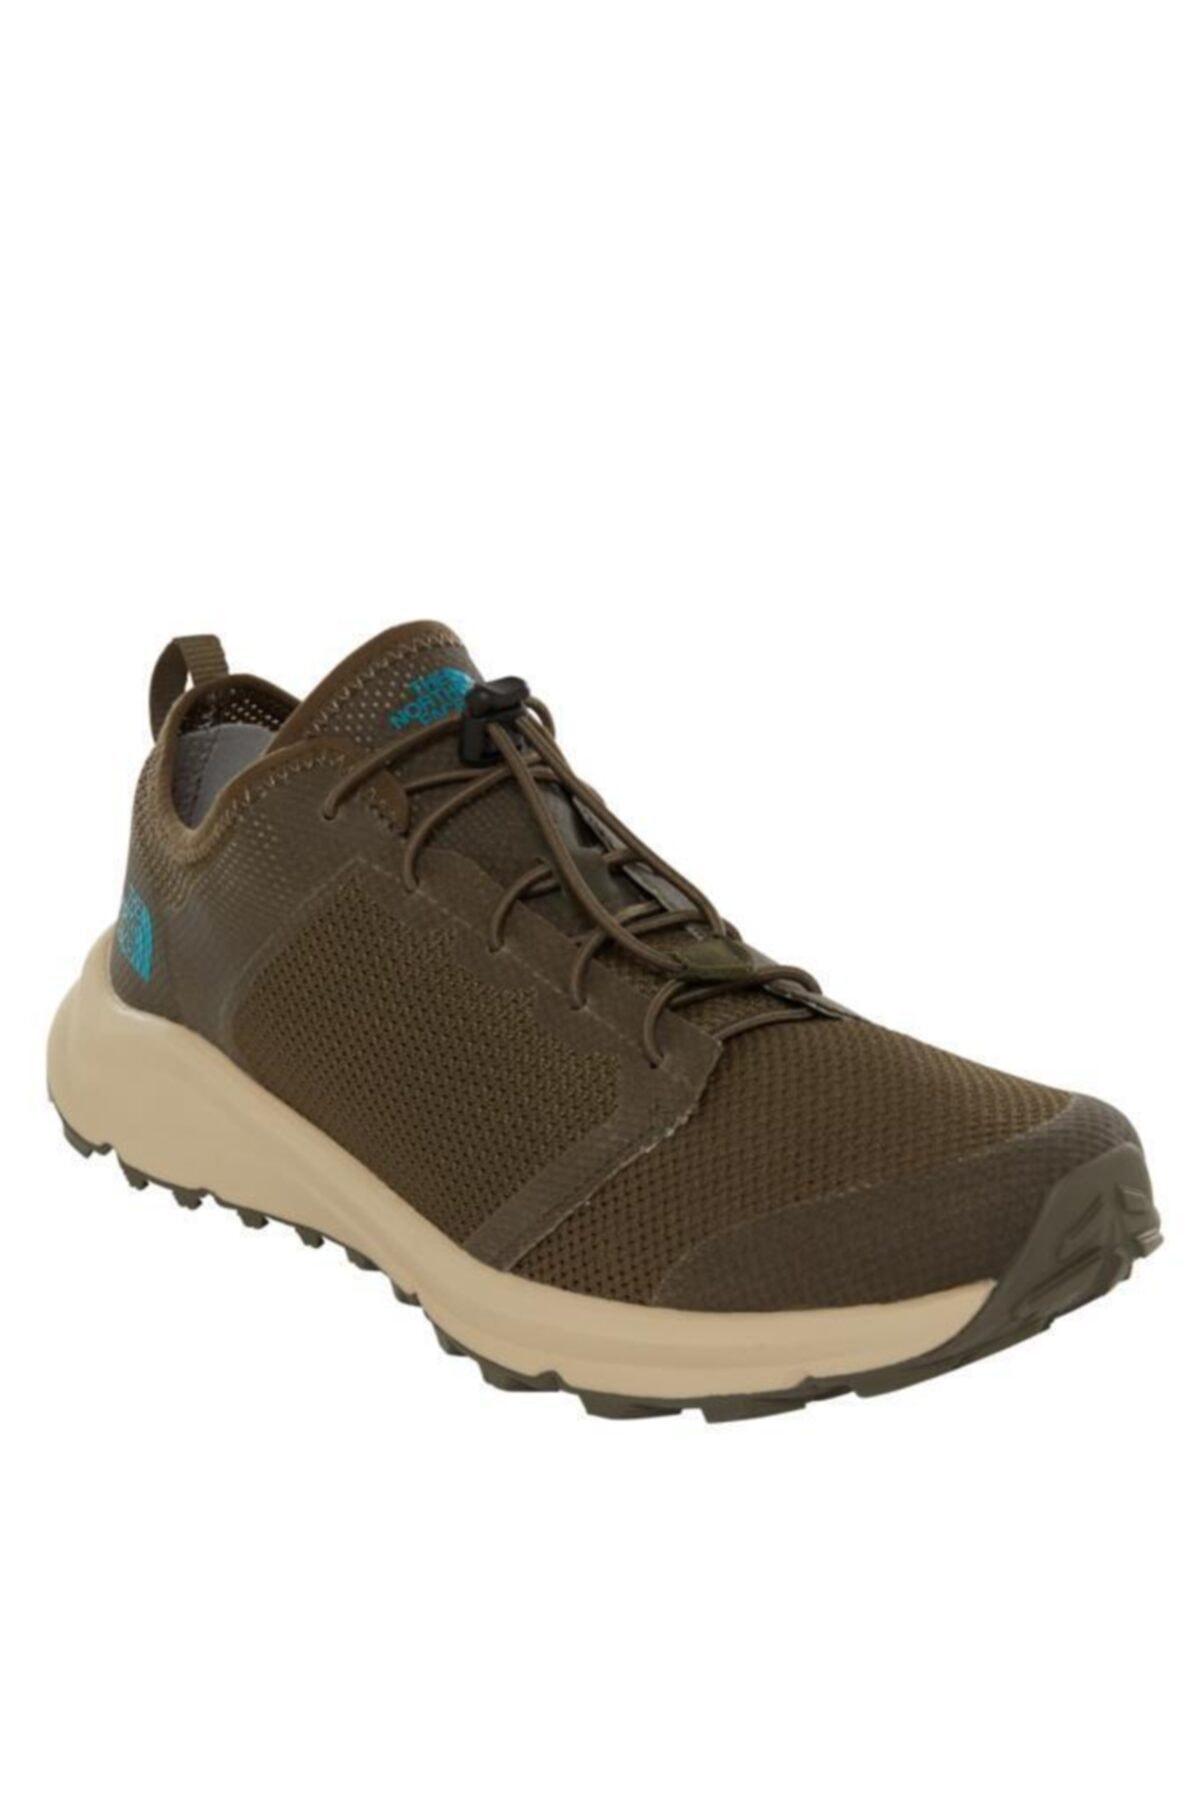 THE NORTH FACE NF0A3RDS3NL1 Haki Erkek Sneaker Ayakkabı 100576587 1